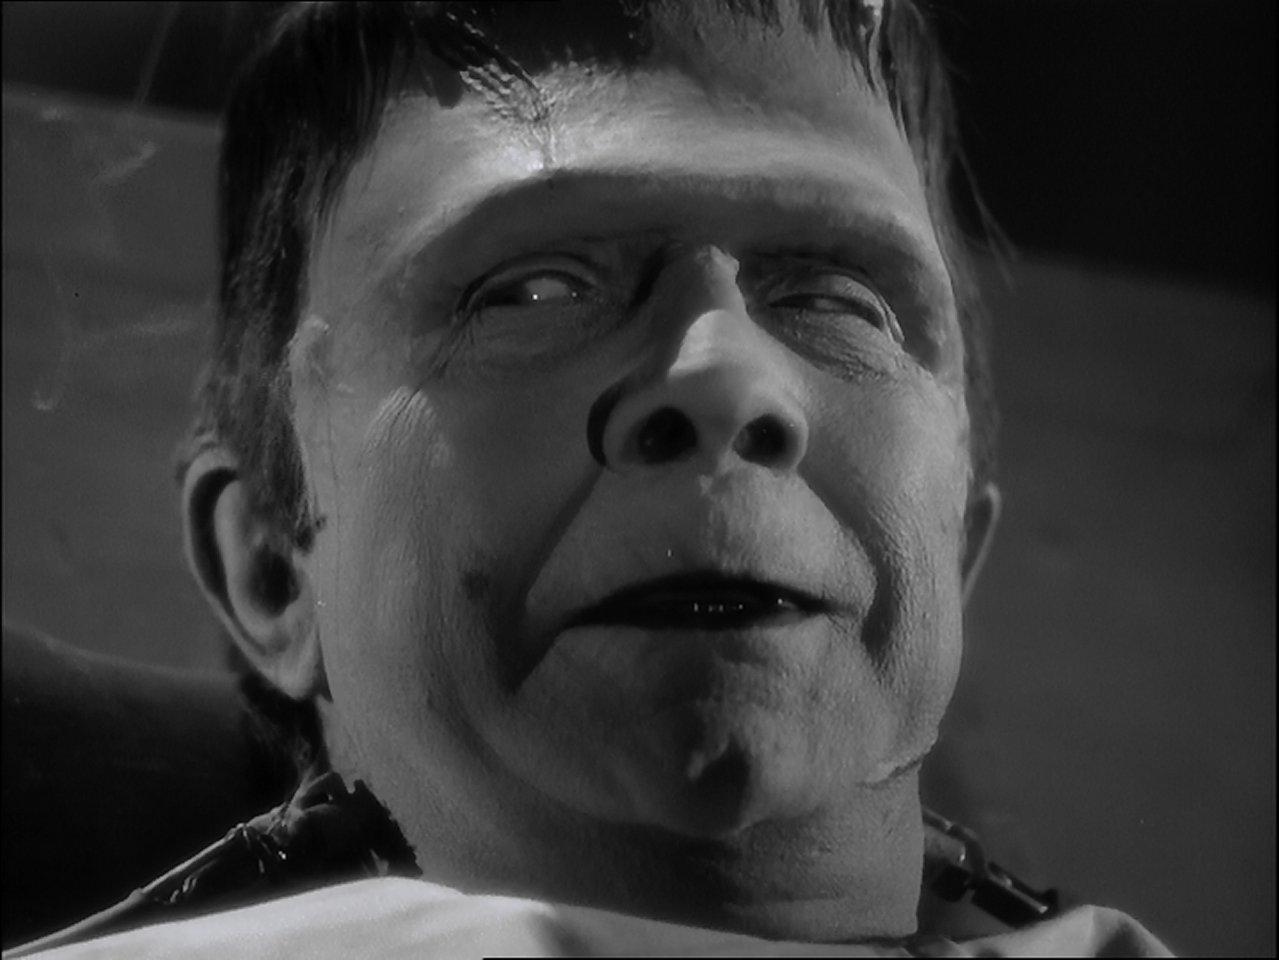 FrankensteinMeetsTheWolfman04